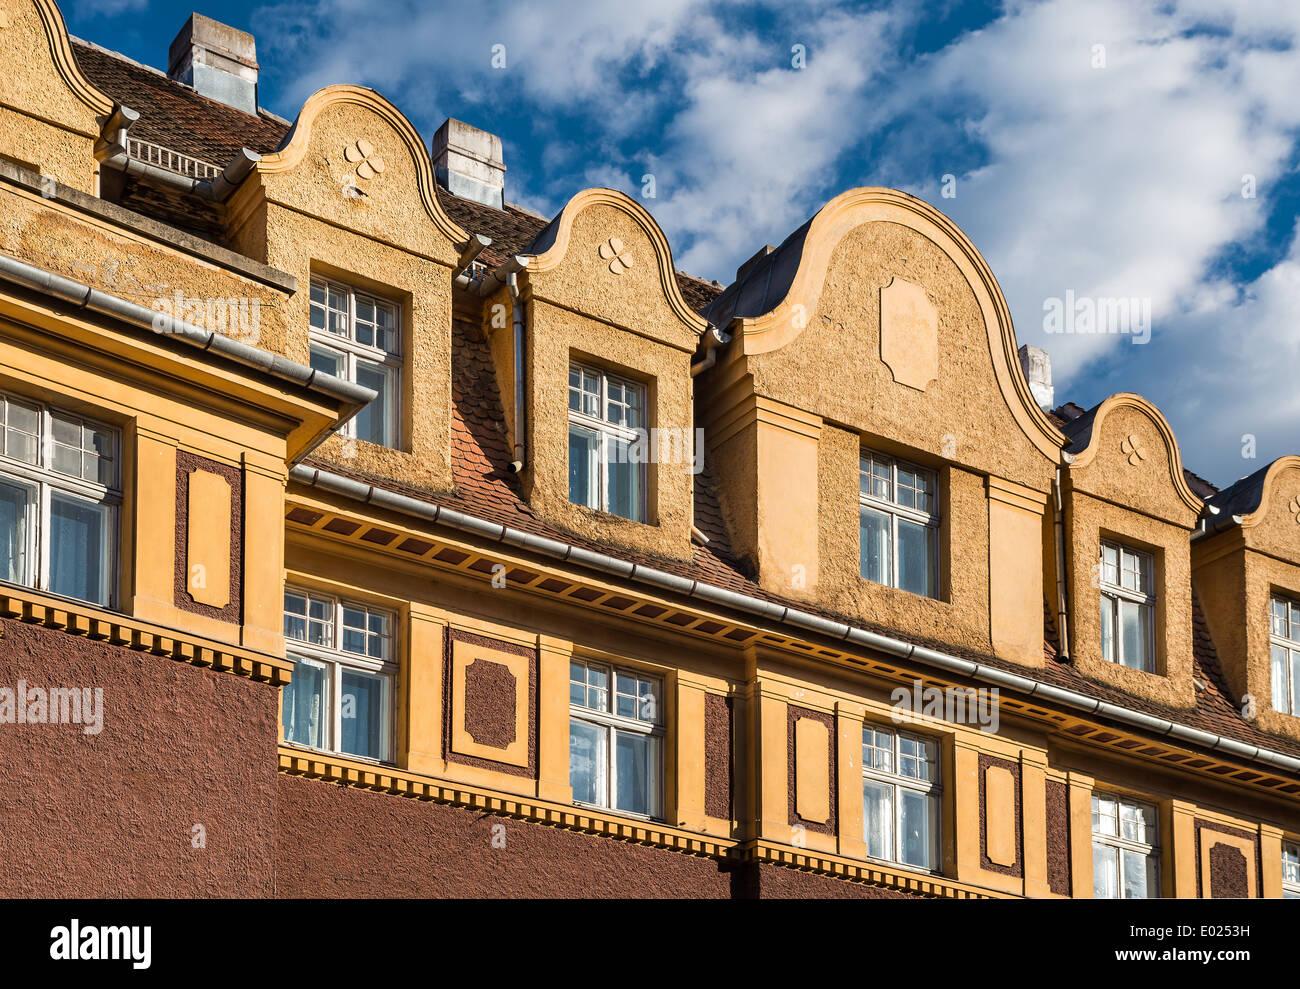 L'architecture baroque détail dans le centre-ville médiévale de Brasov, région de Transylvanie en Roumanie. Banque D'Images